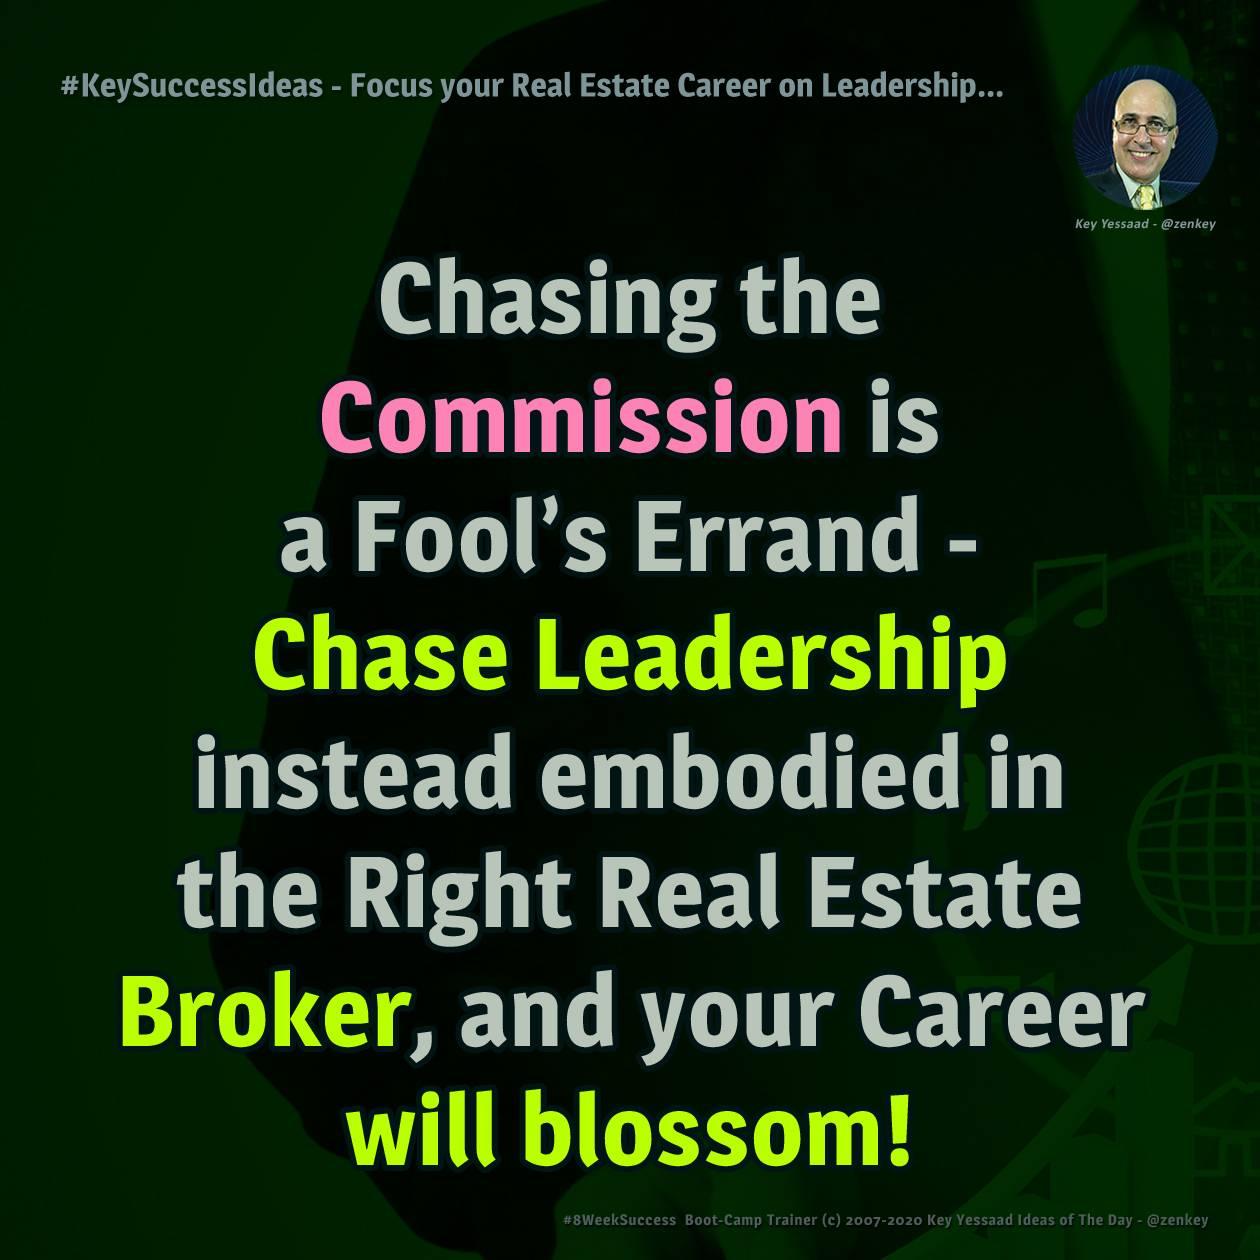 #KeySuccessIdeas - Focus your Real Estate Career on Leadership...